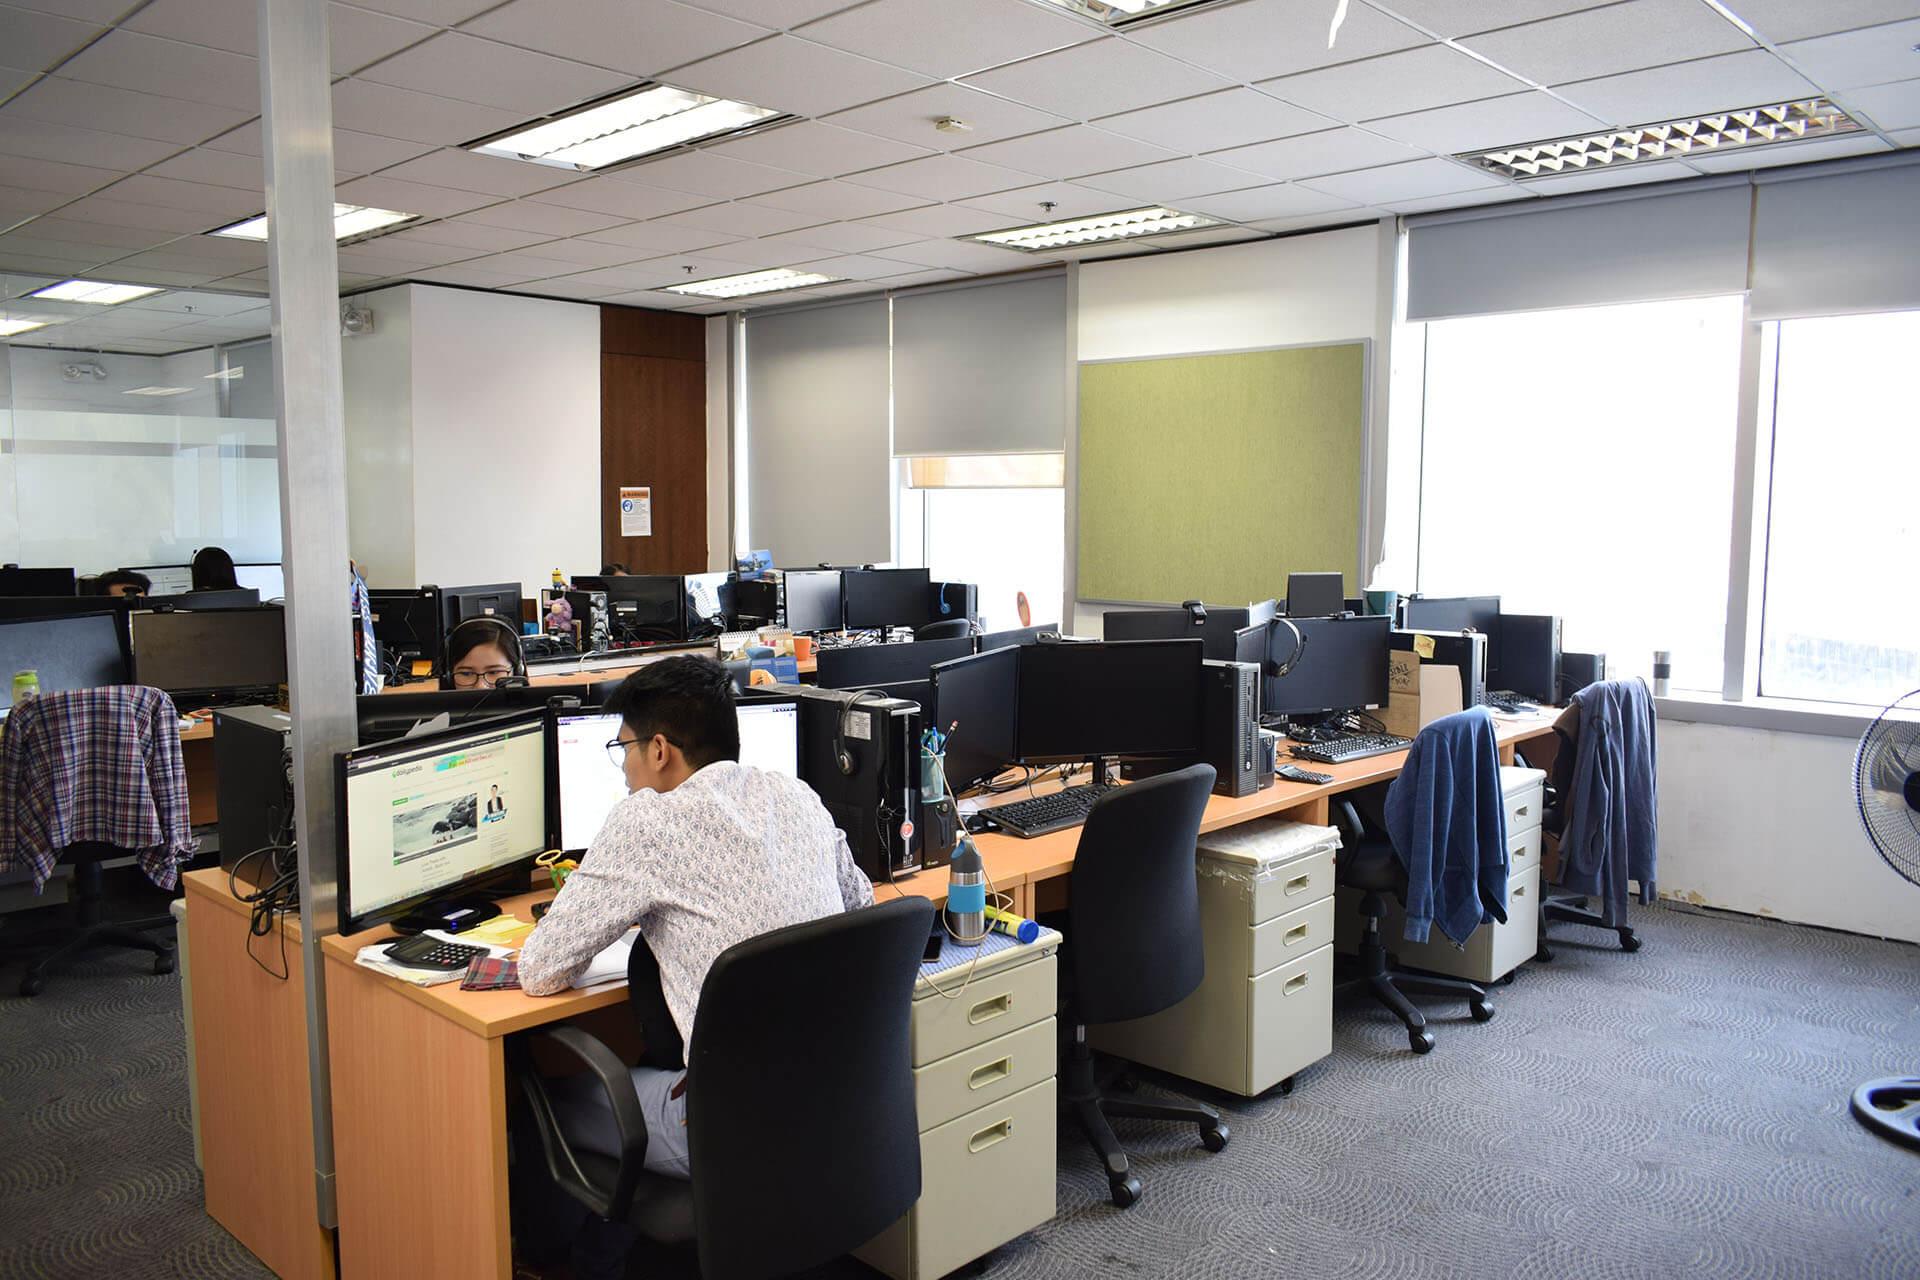 DV_Workspace-3-cmprsd